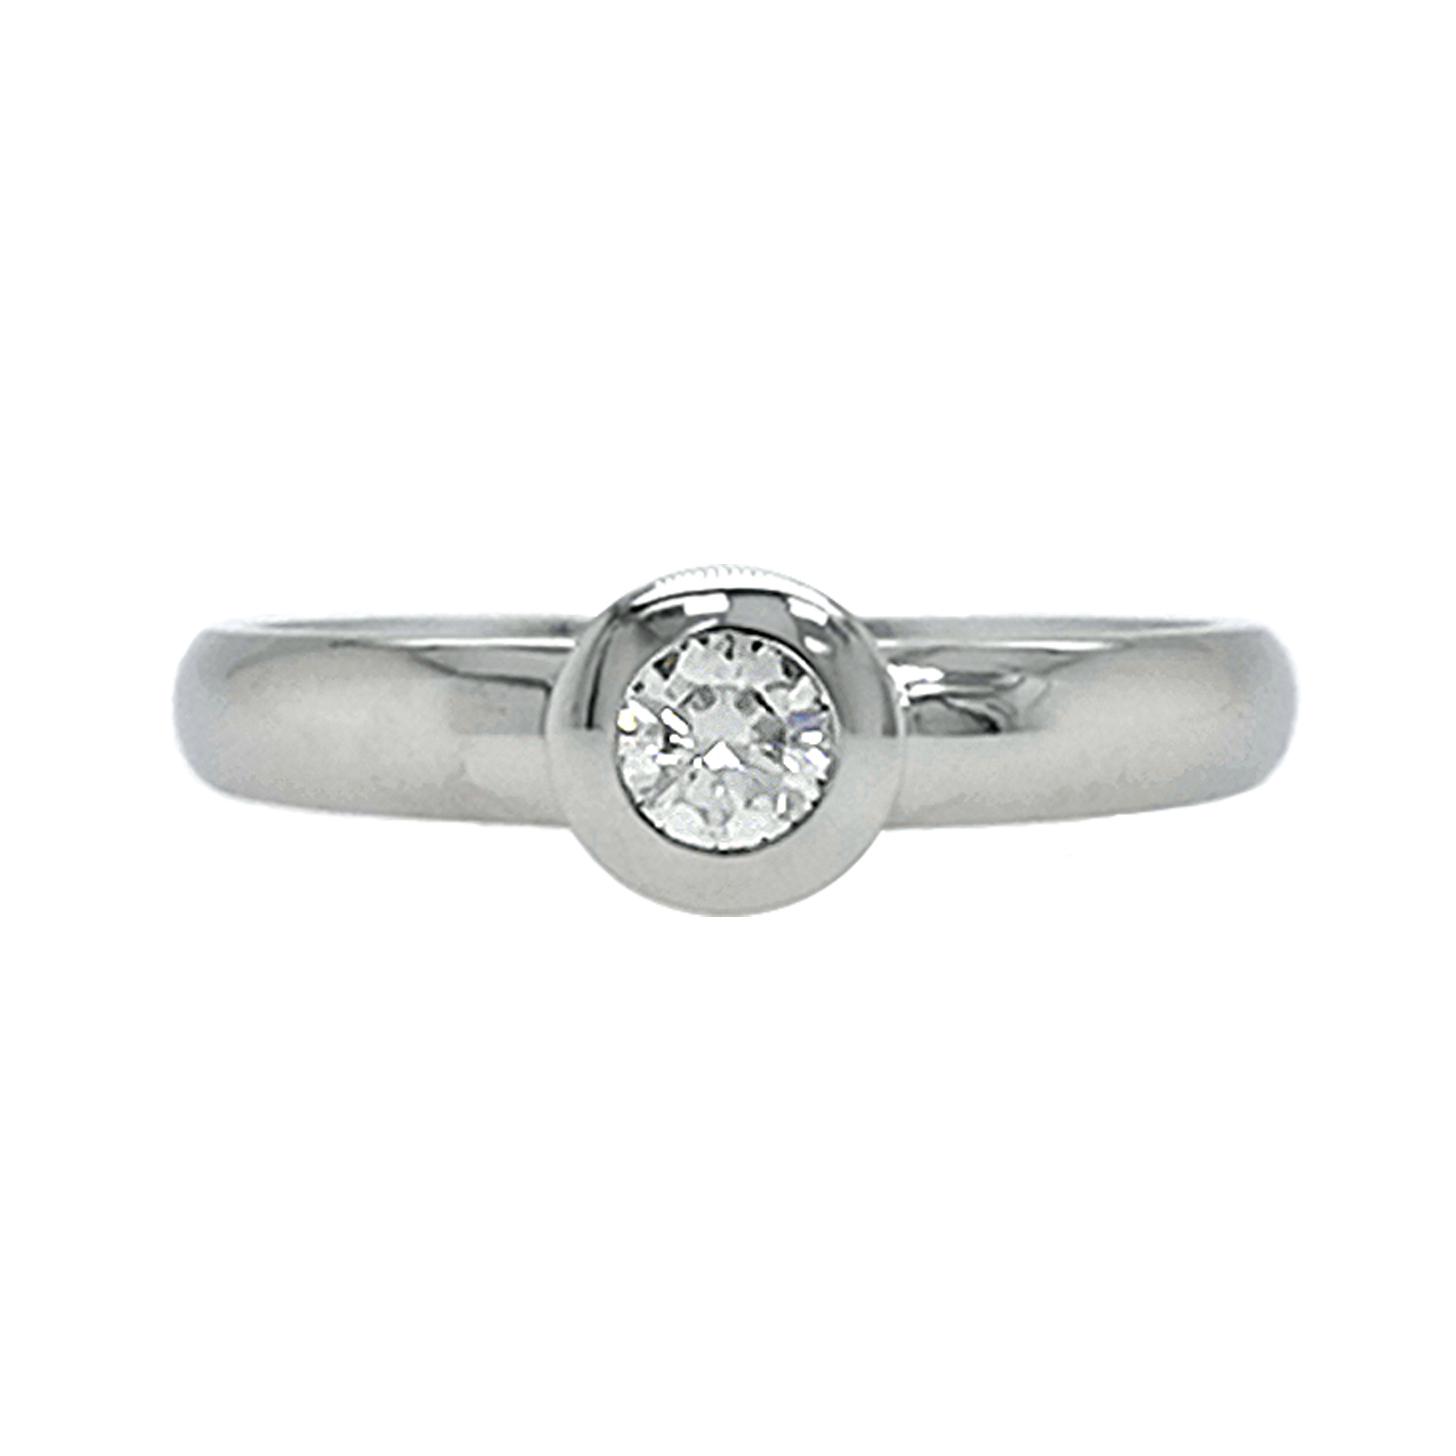 Brillantring aus 585 Weißgold mit weißem Diamanten im Brillantschliff ca. 0,25 ct